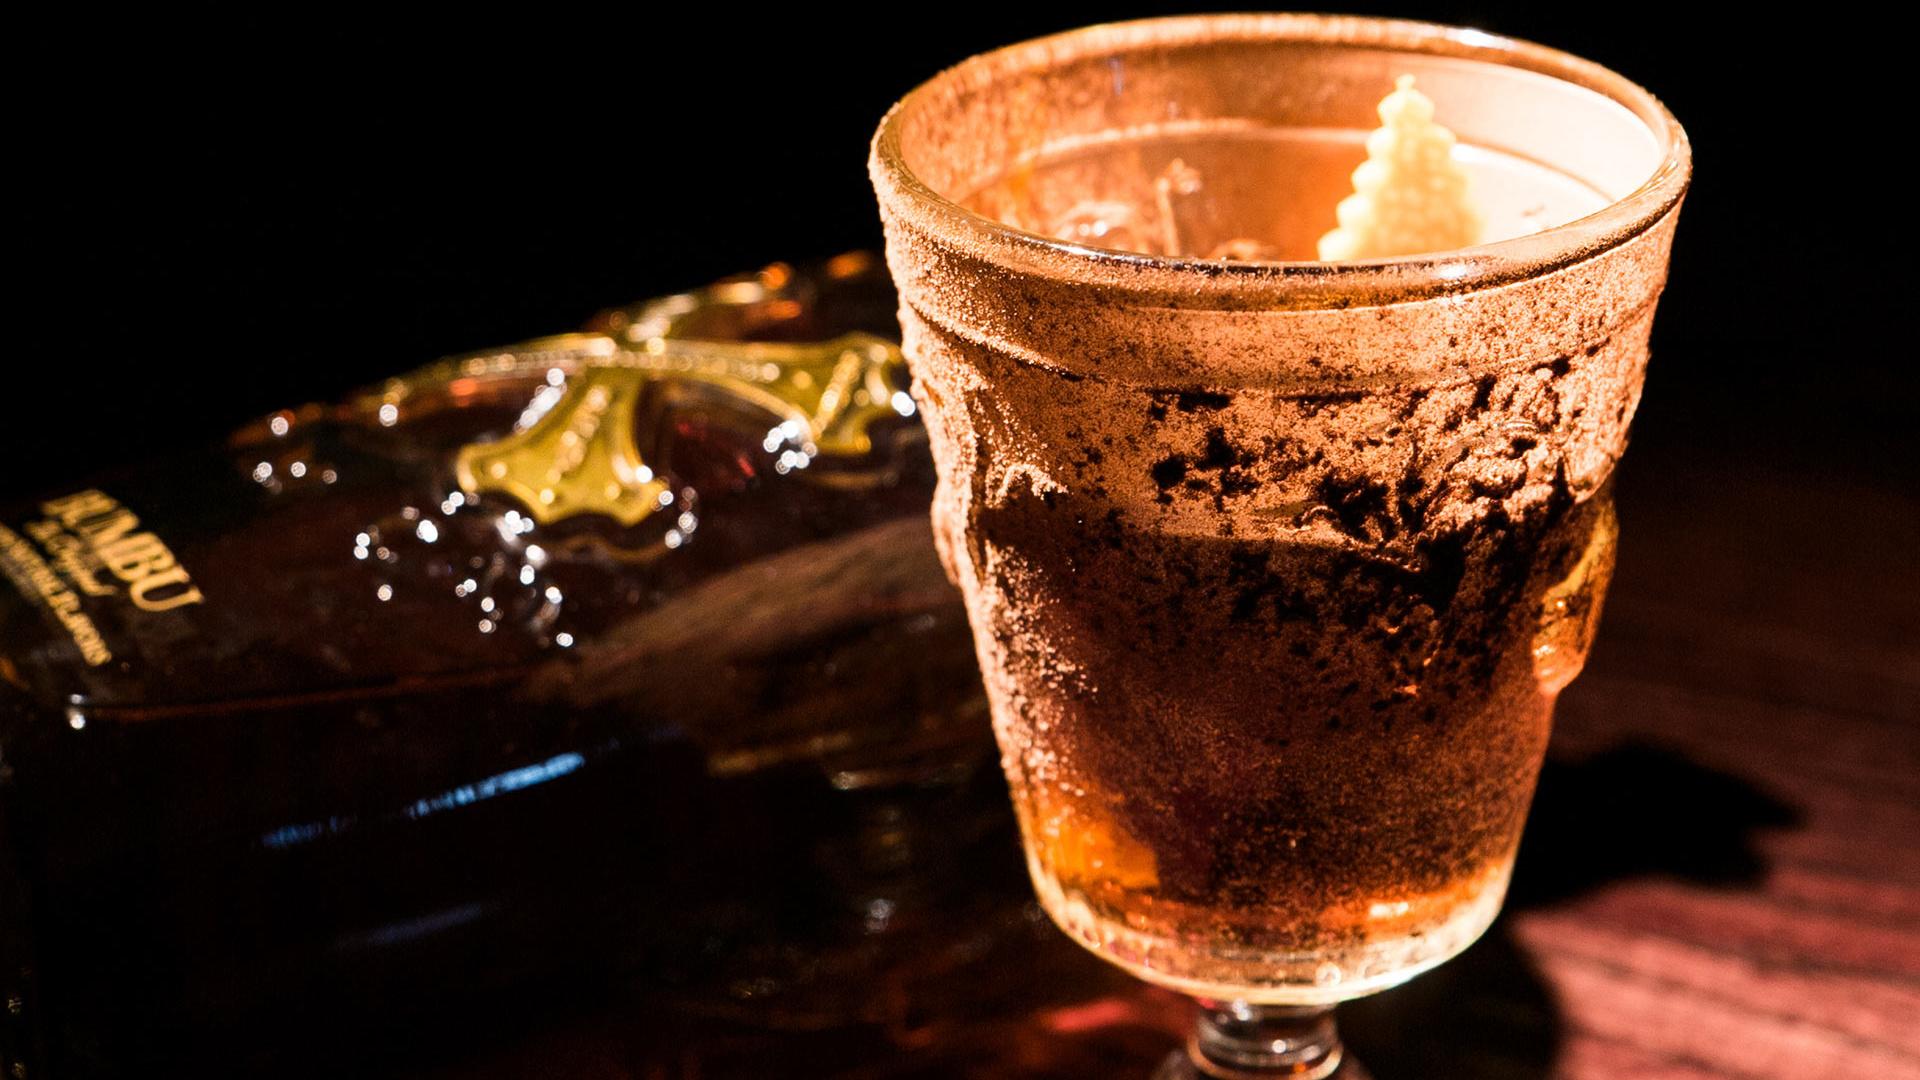 Win a Bumbu rum cocktail-making kit